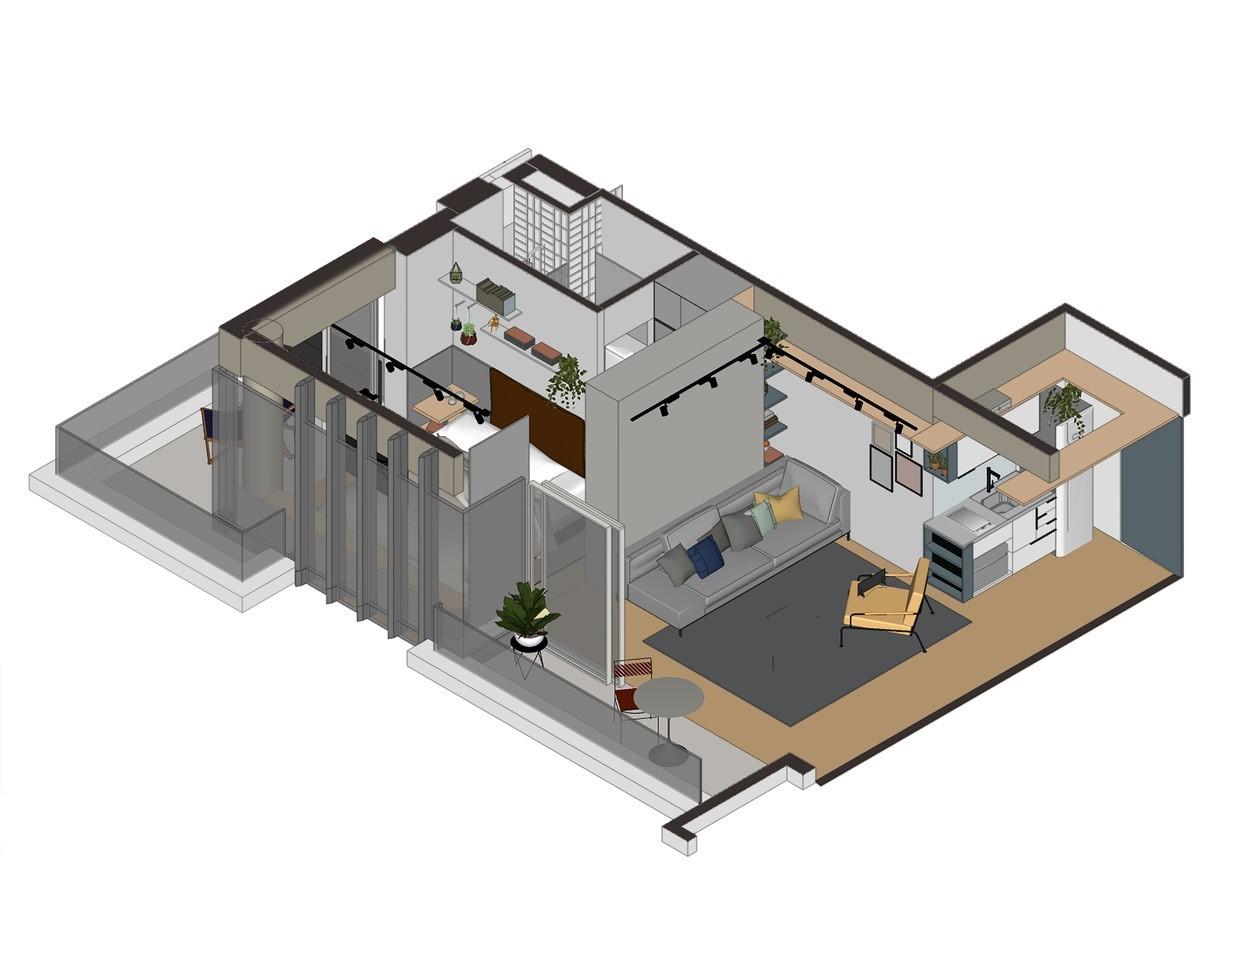 住宅空间,国外住宅设计,巴西,小宅概念,轻工业风